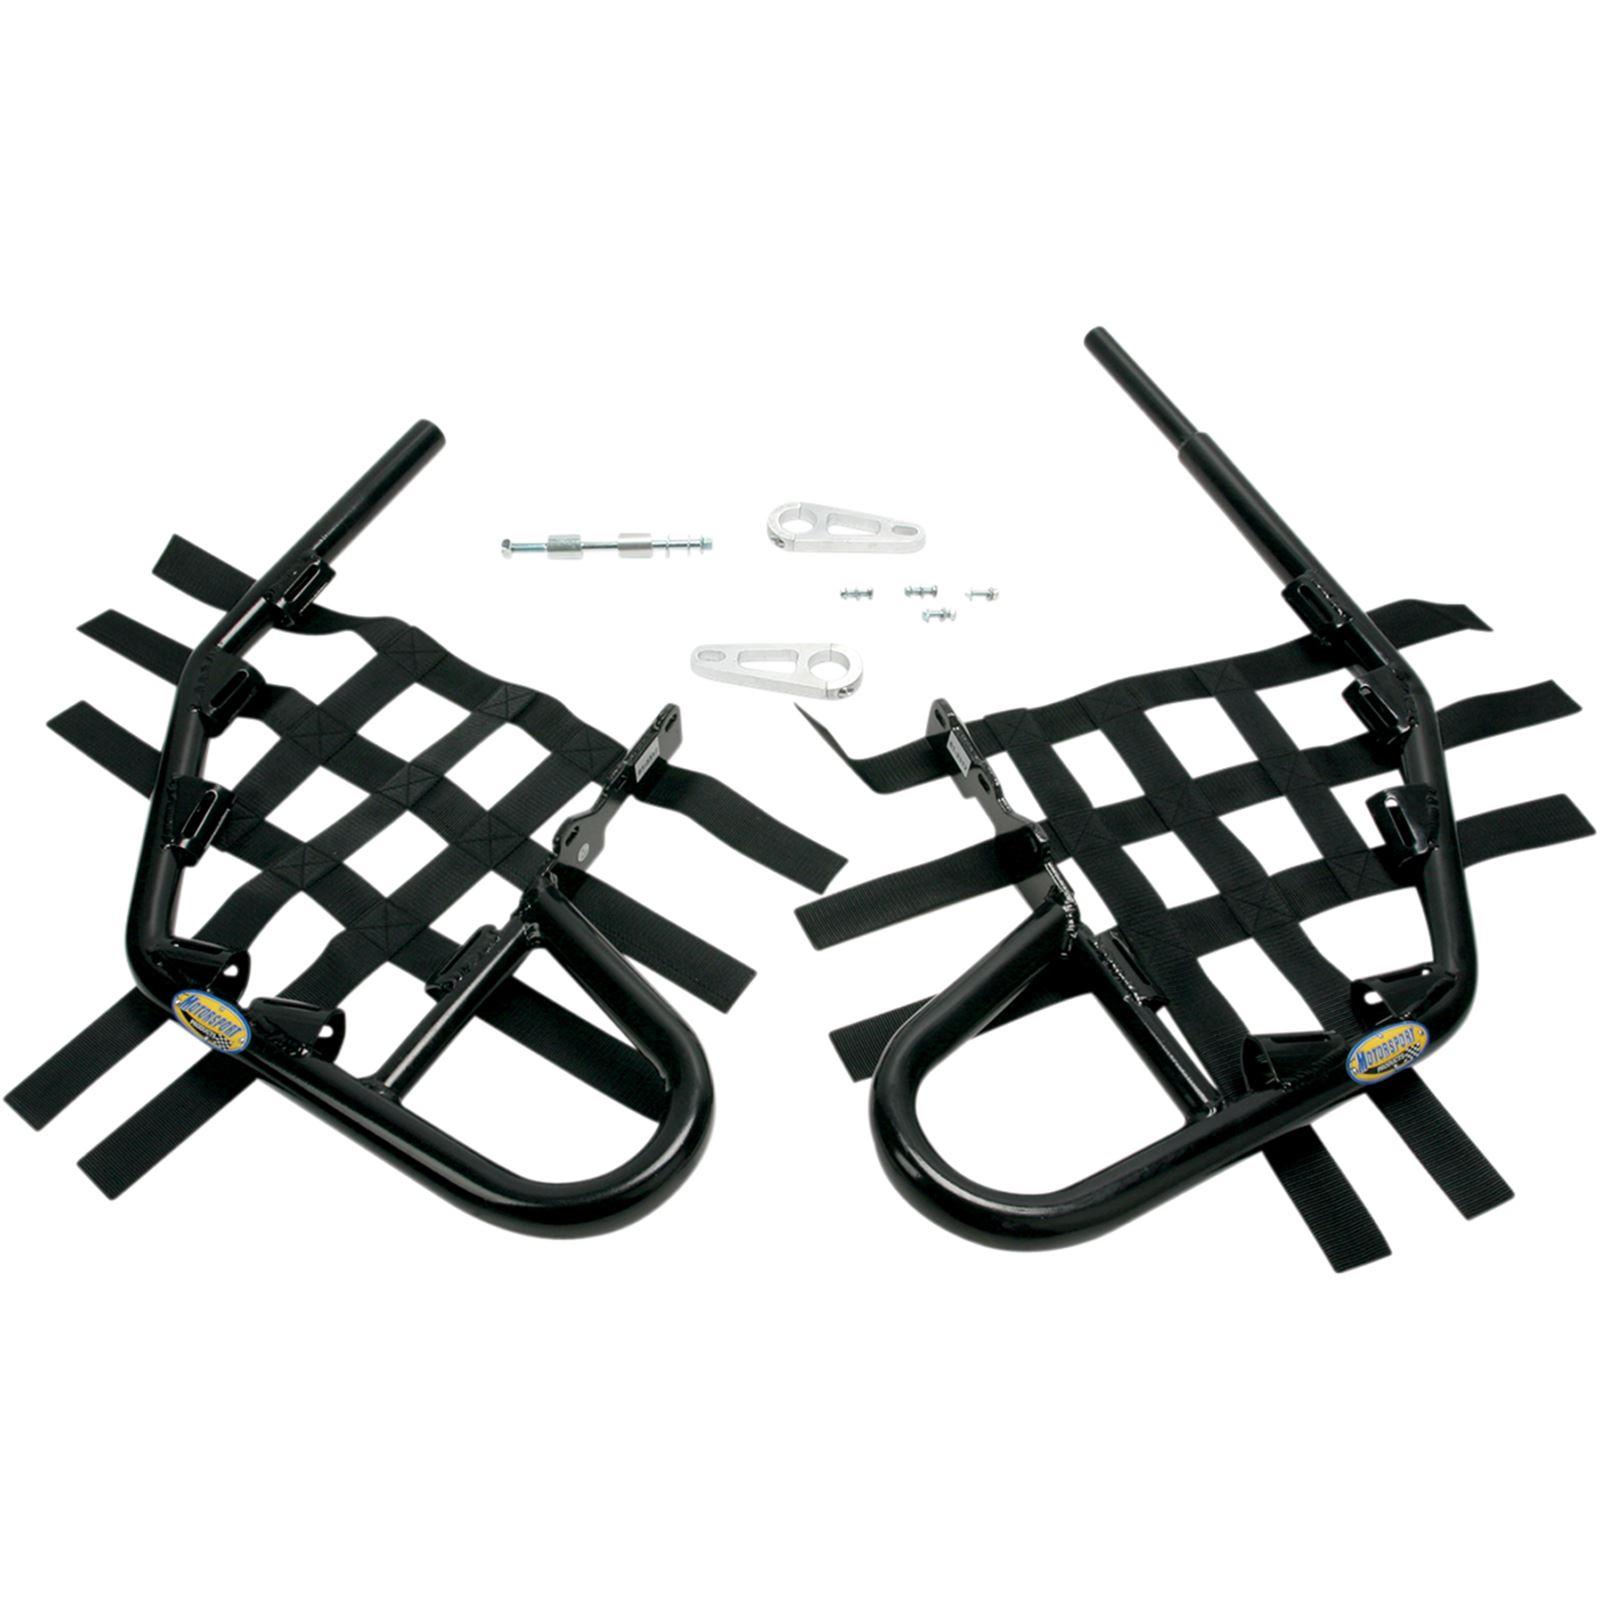 Motorsport Products Nerf Bars - Raptor 350 - Black